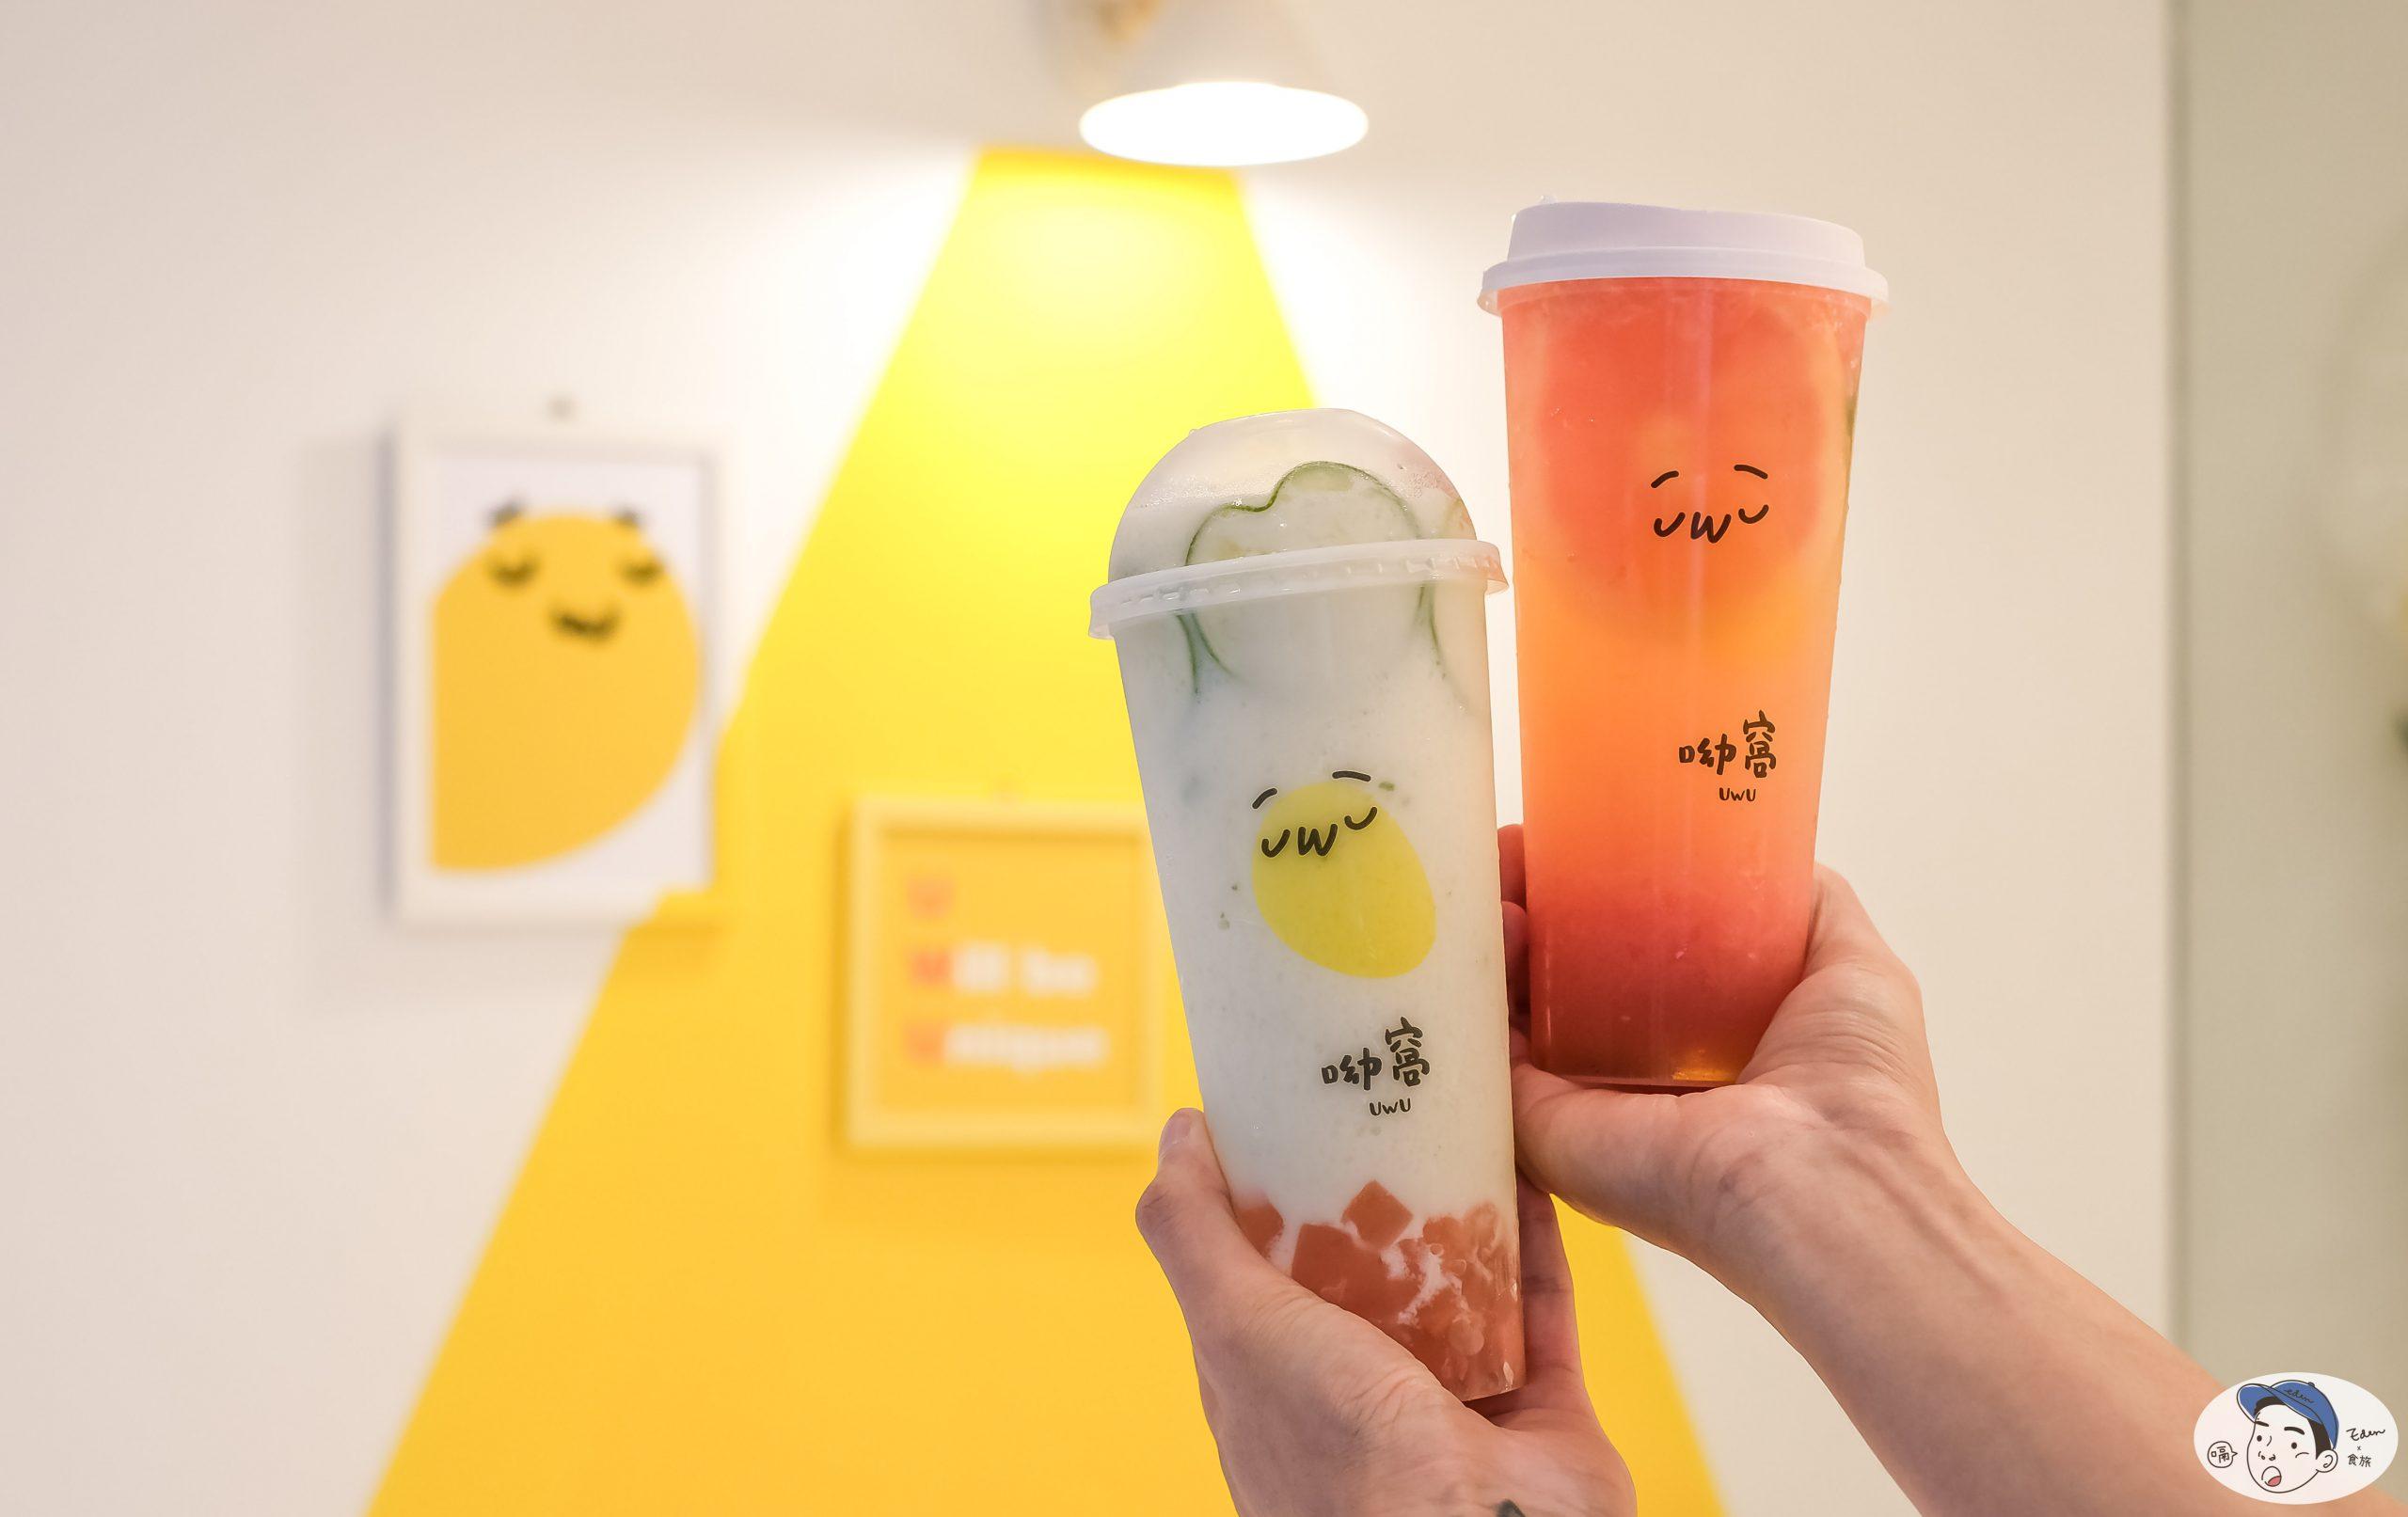 呦窩UWU x Tea Shop